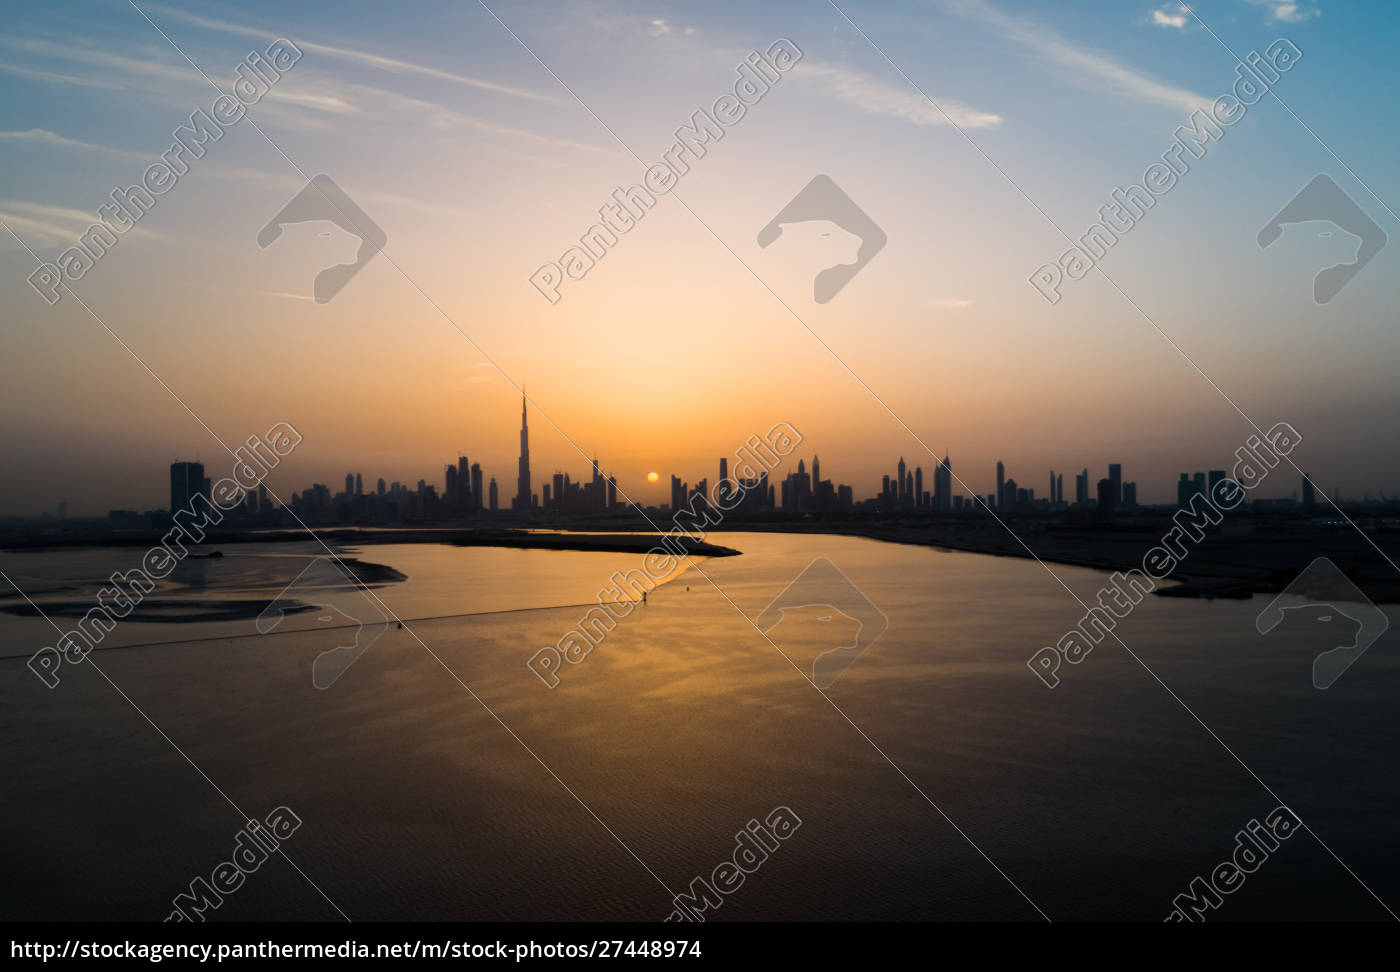 aerial, view, of, dubai, skyscrapers, at - 27448974